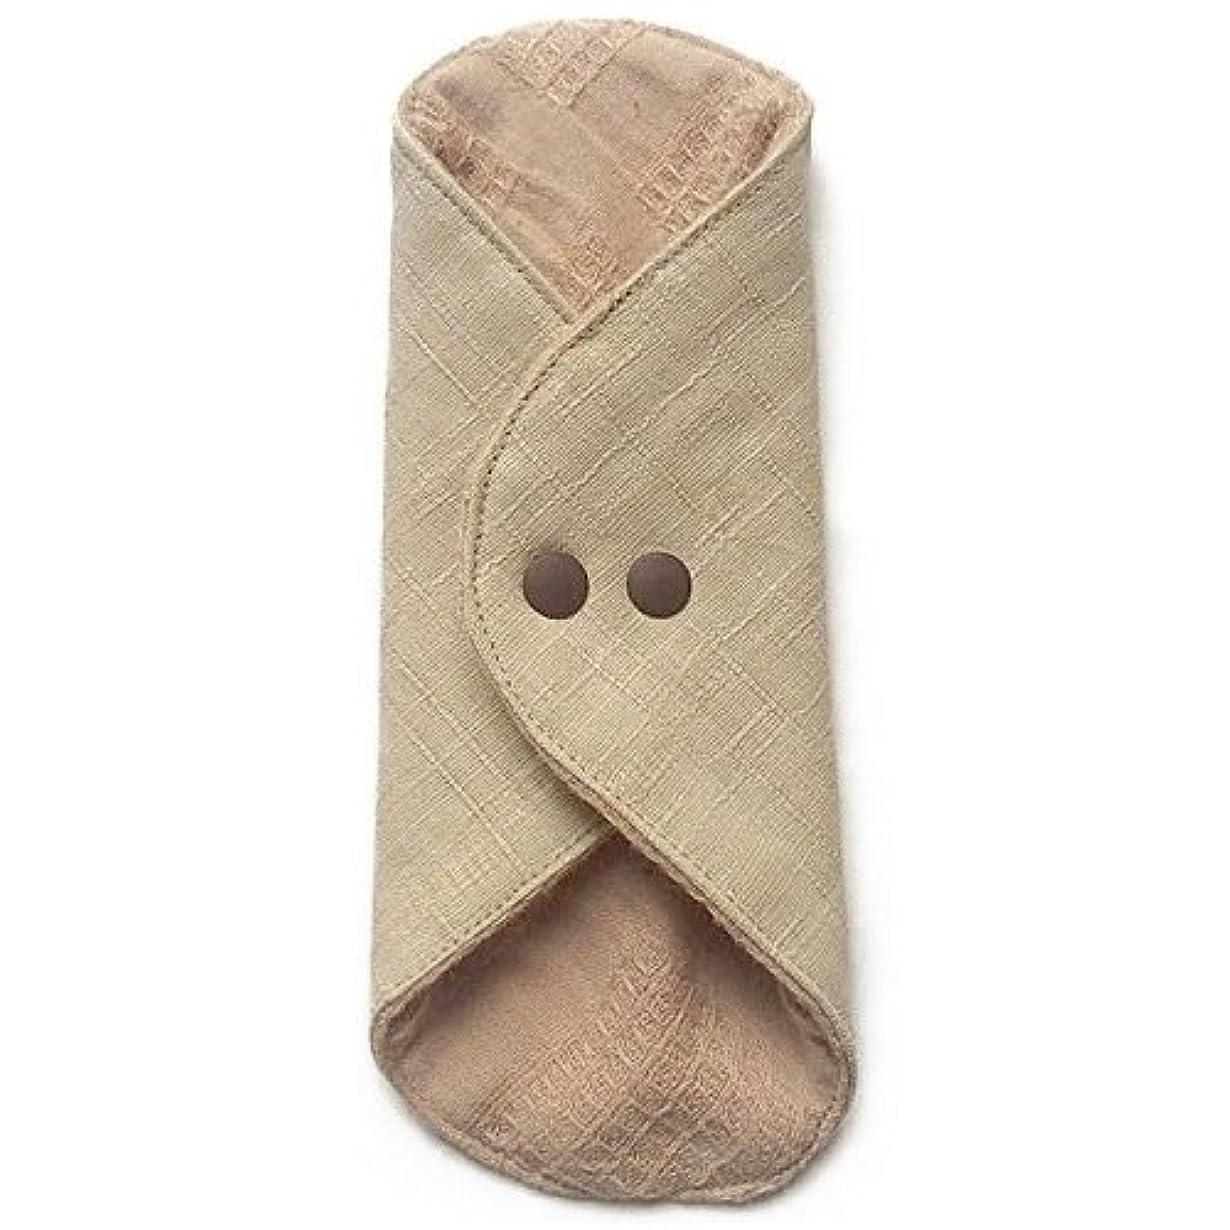 振るひそかに好奇心盛華布のオーガニックコットンのあたため布 Mサイズ(約15×約15cm) 彩り(百合)